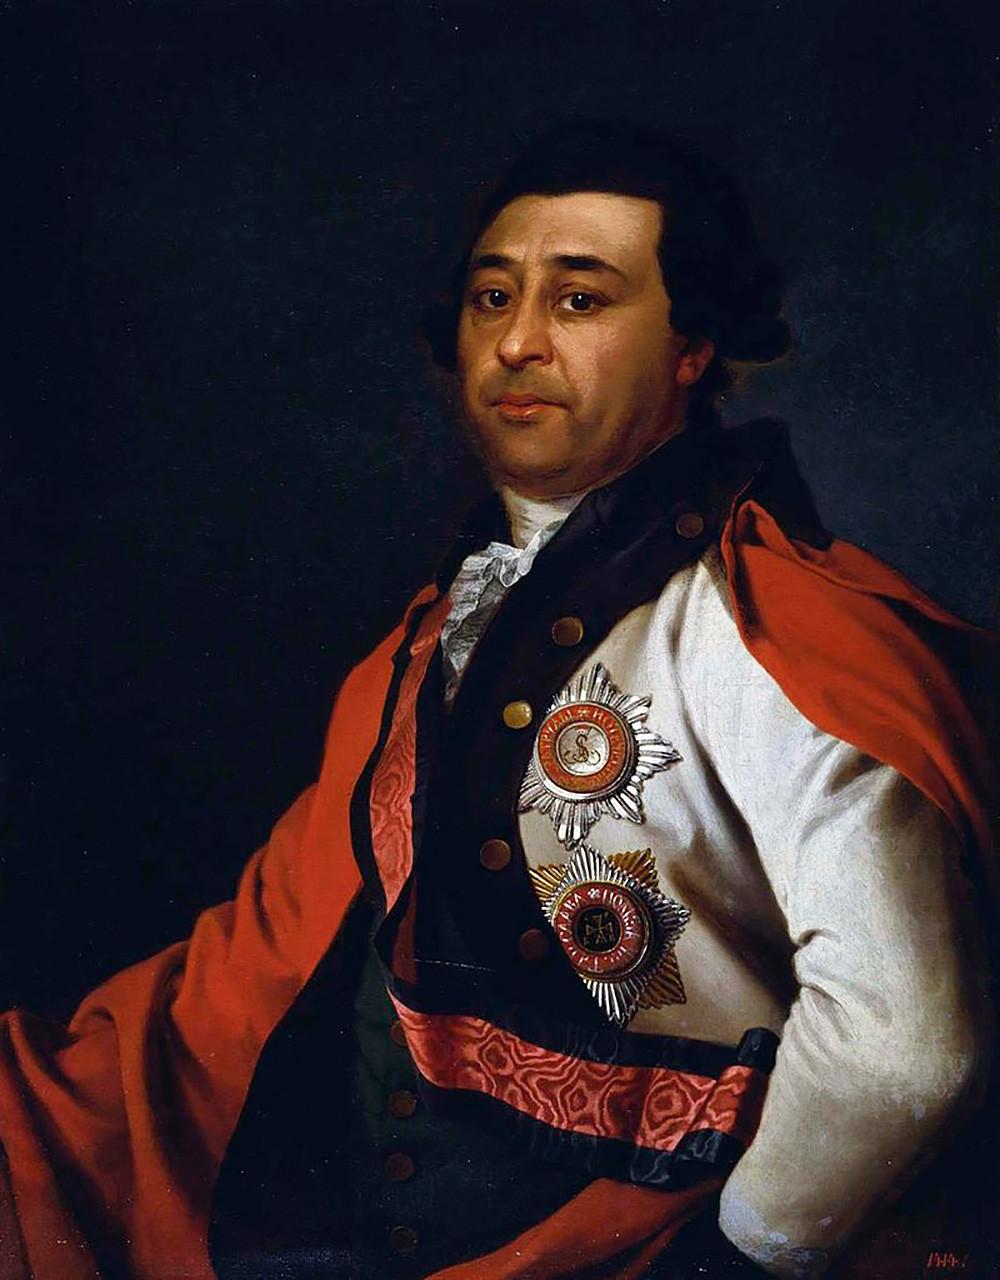 Ein Porträt von Iwan Hannibal, dem Sohn von Abram Hannibal, von Dmitri Lewizki